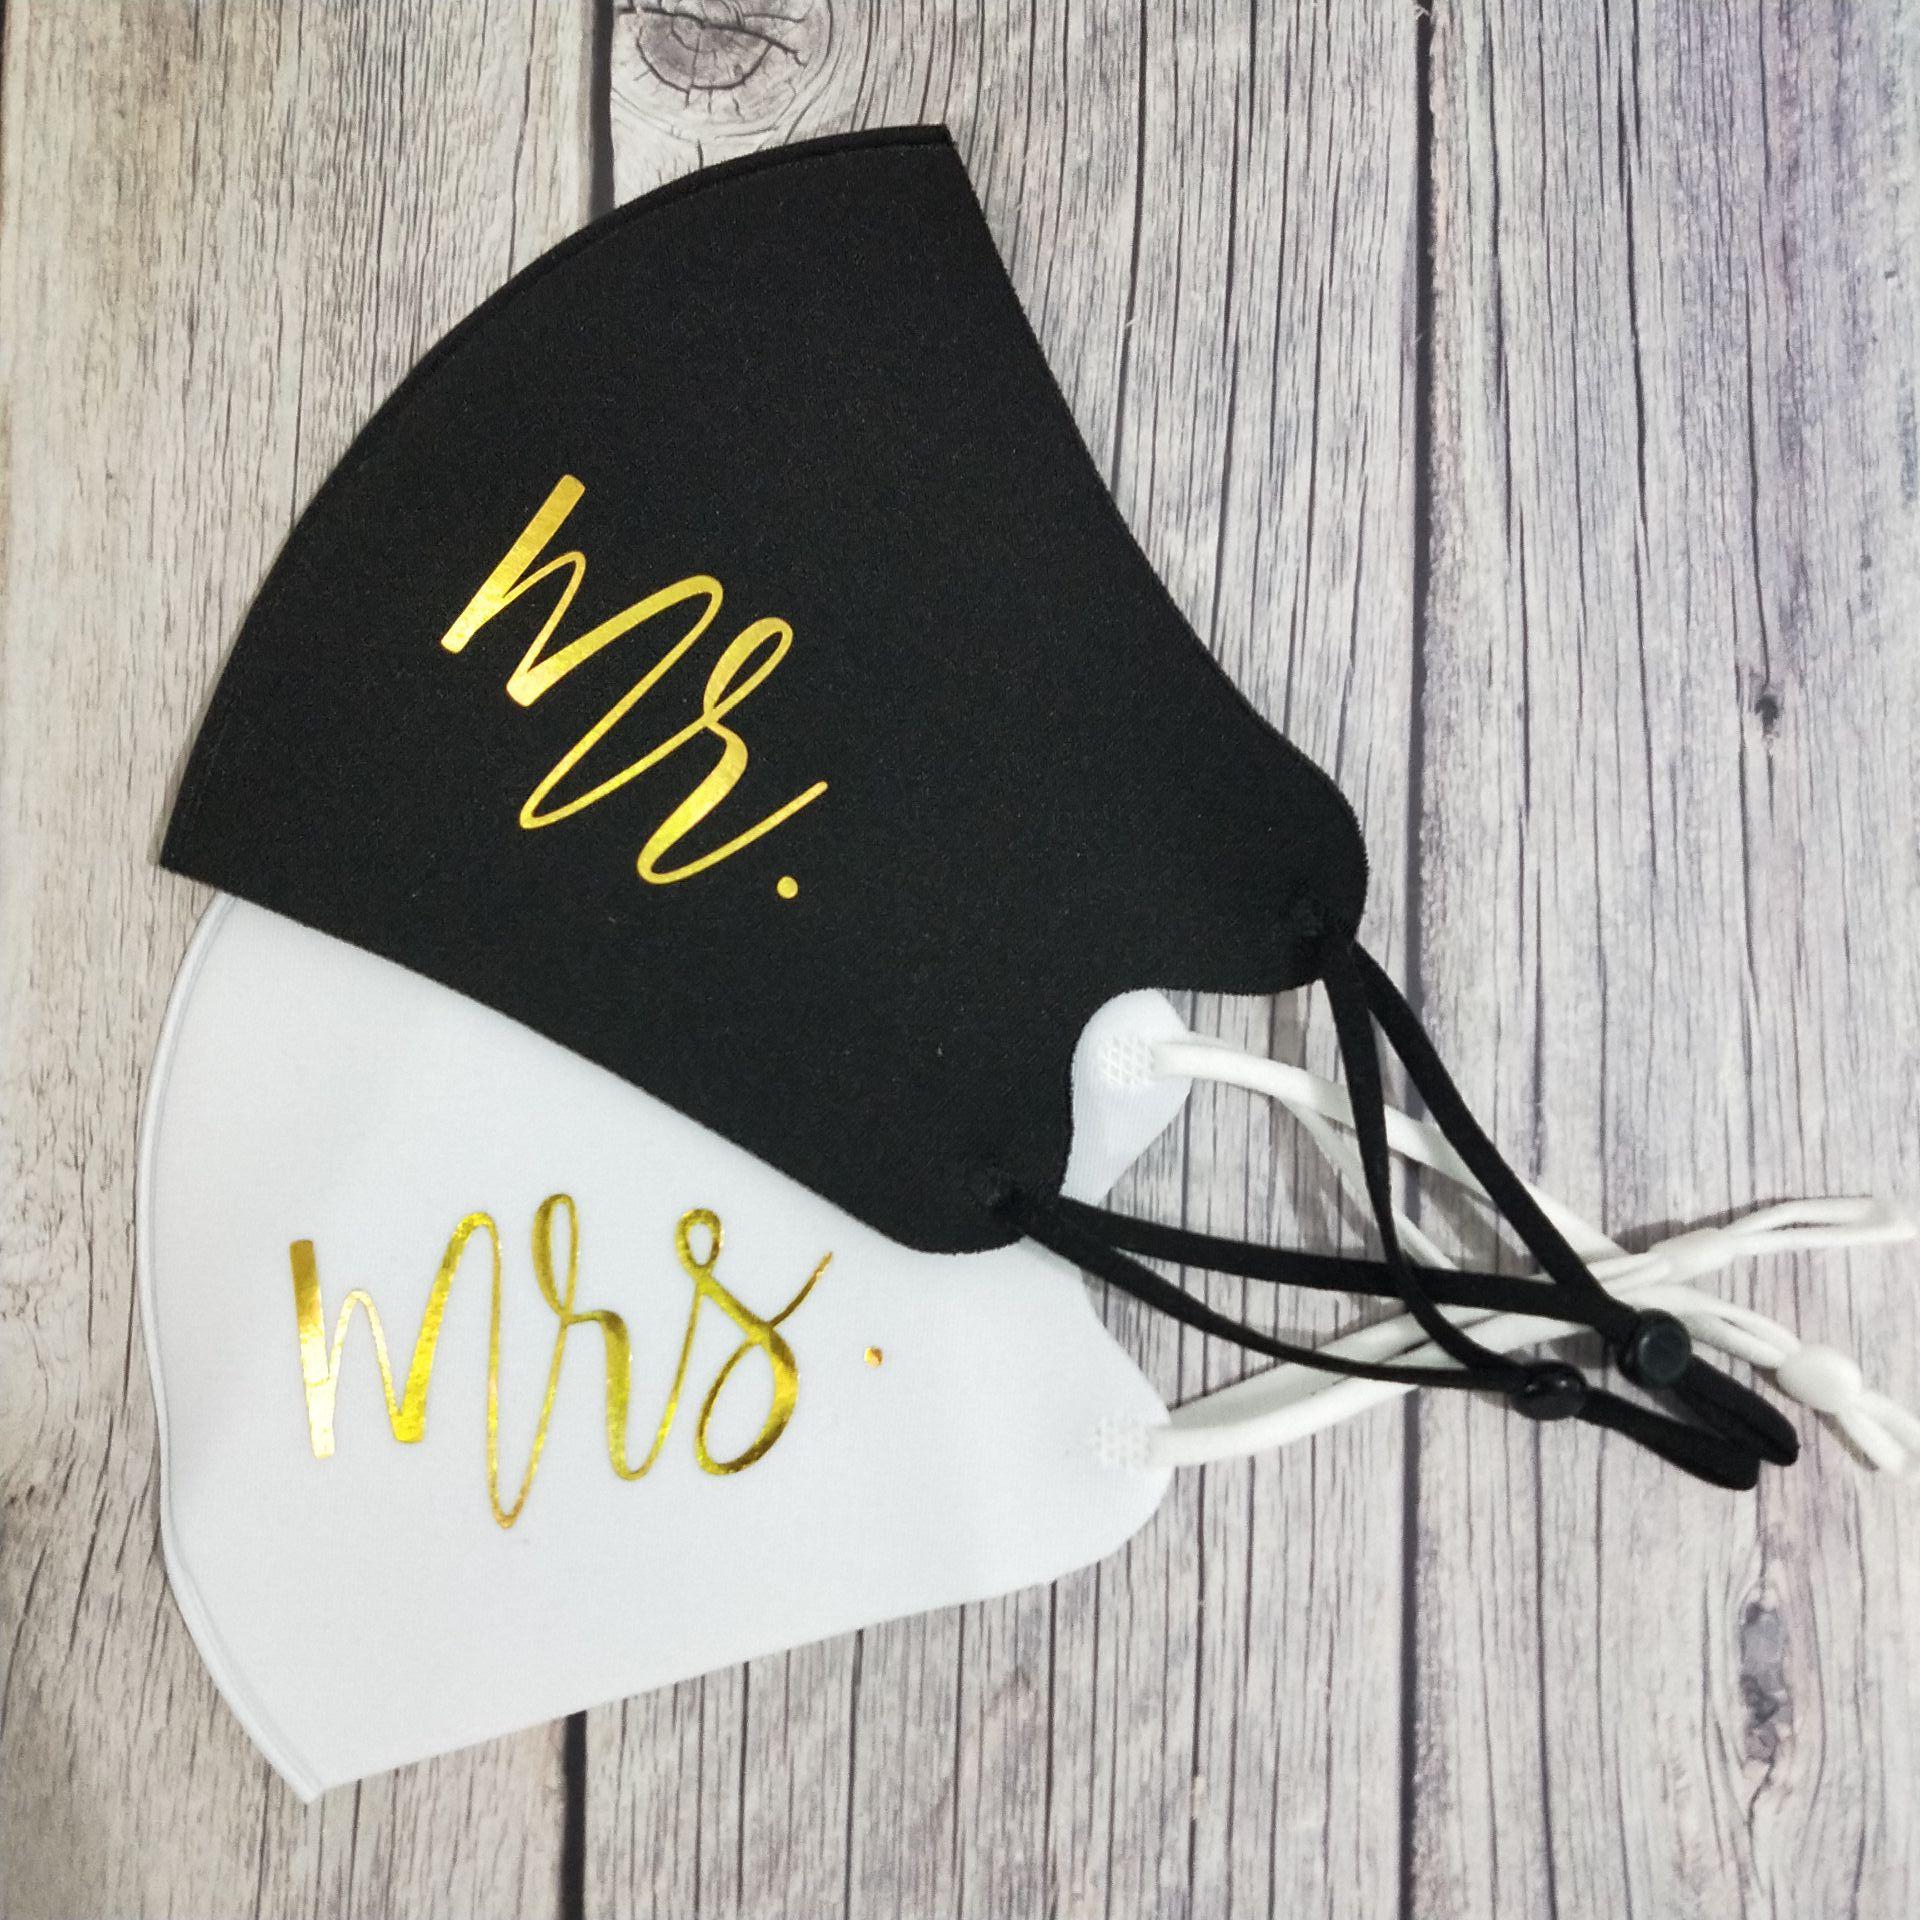 2 шт. Mr Mrs свадебный торт маска для лица с регулируемым взрослых маски для лица Жених и невеста пара свадебных маска многоразовые Респиратор ...